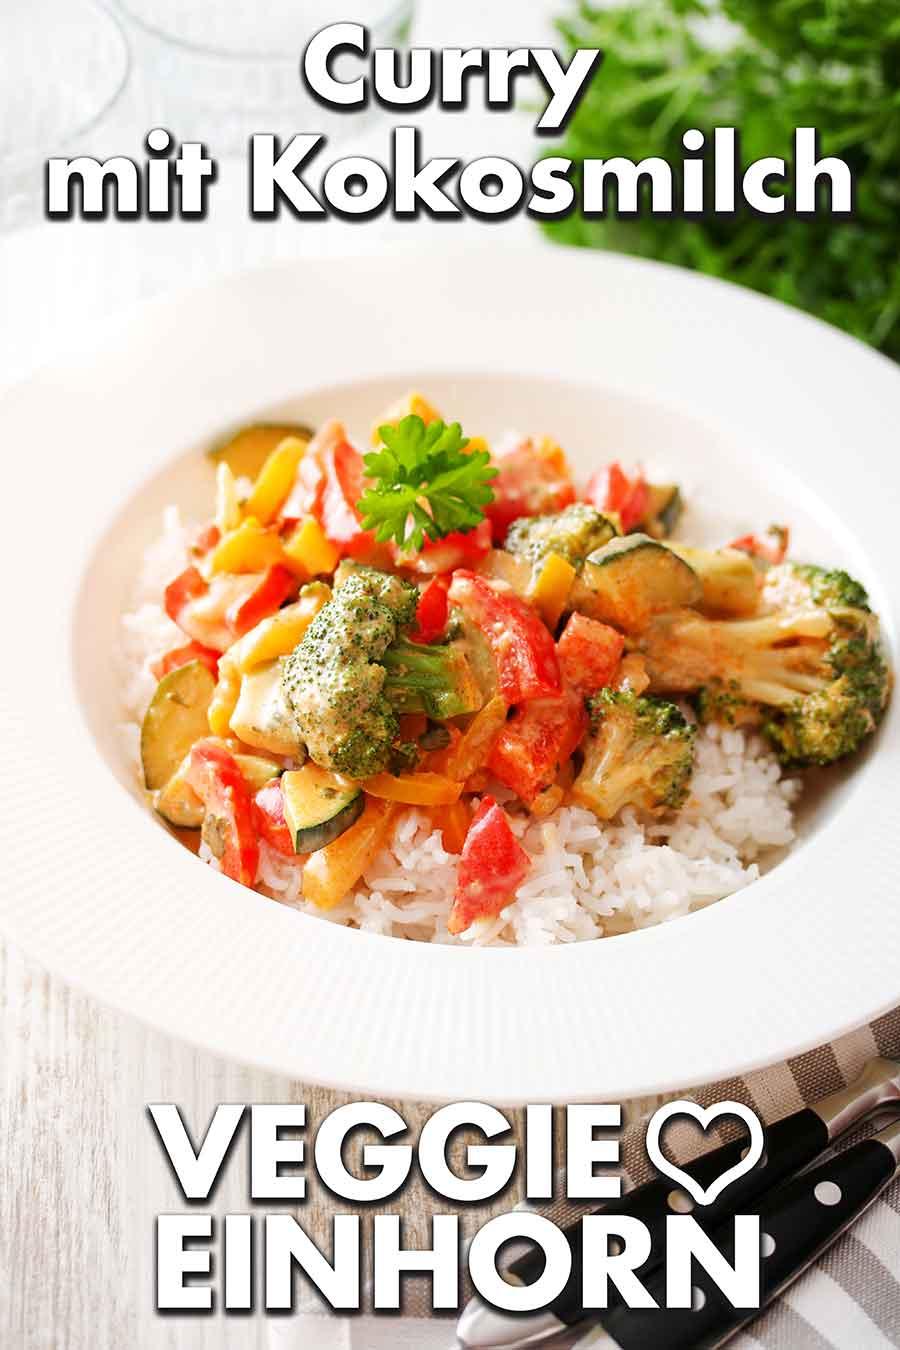 Curry mit Kokosmilch auf einem Teller mit Reis als Beilage